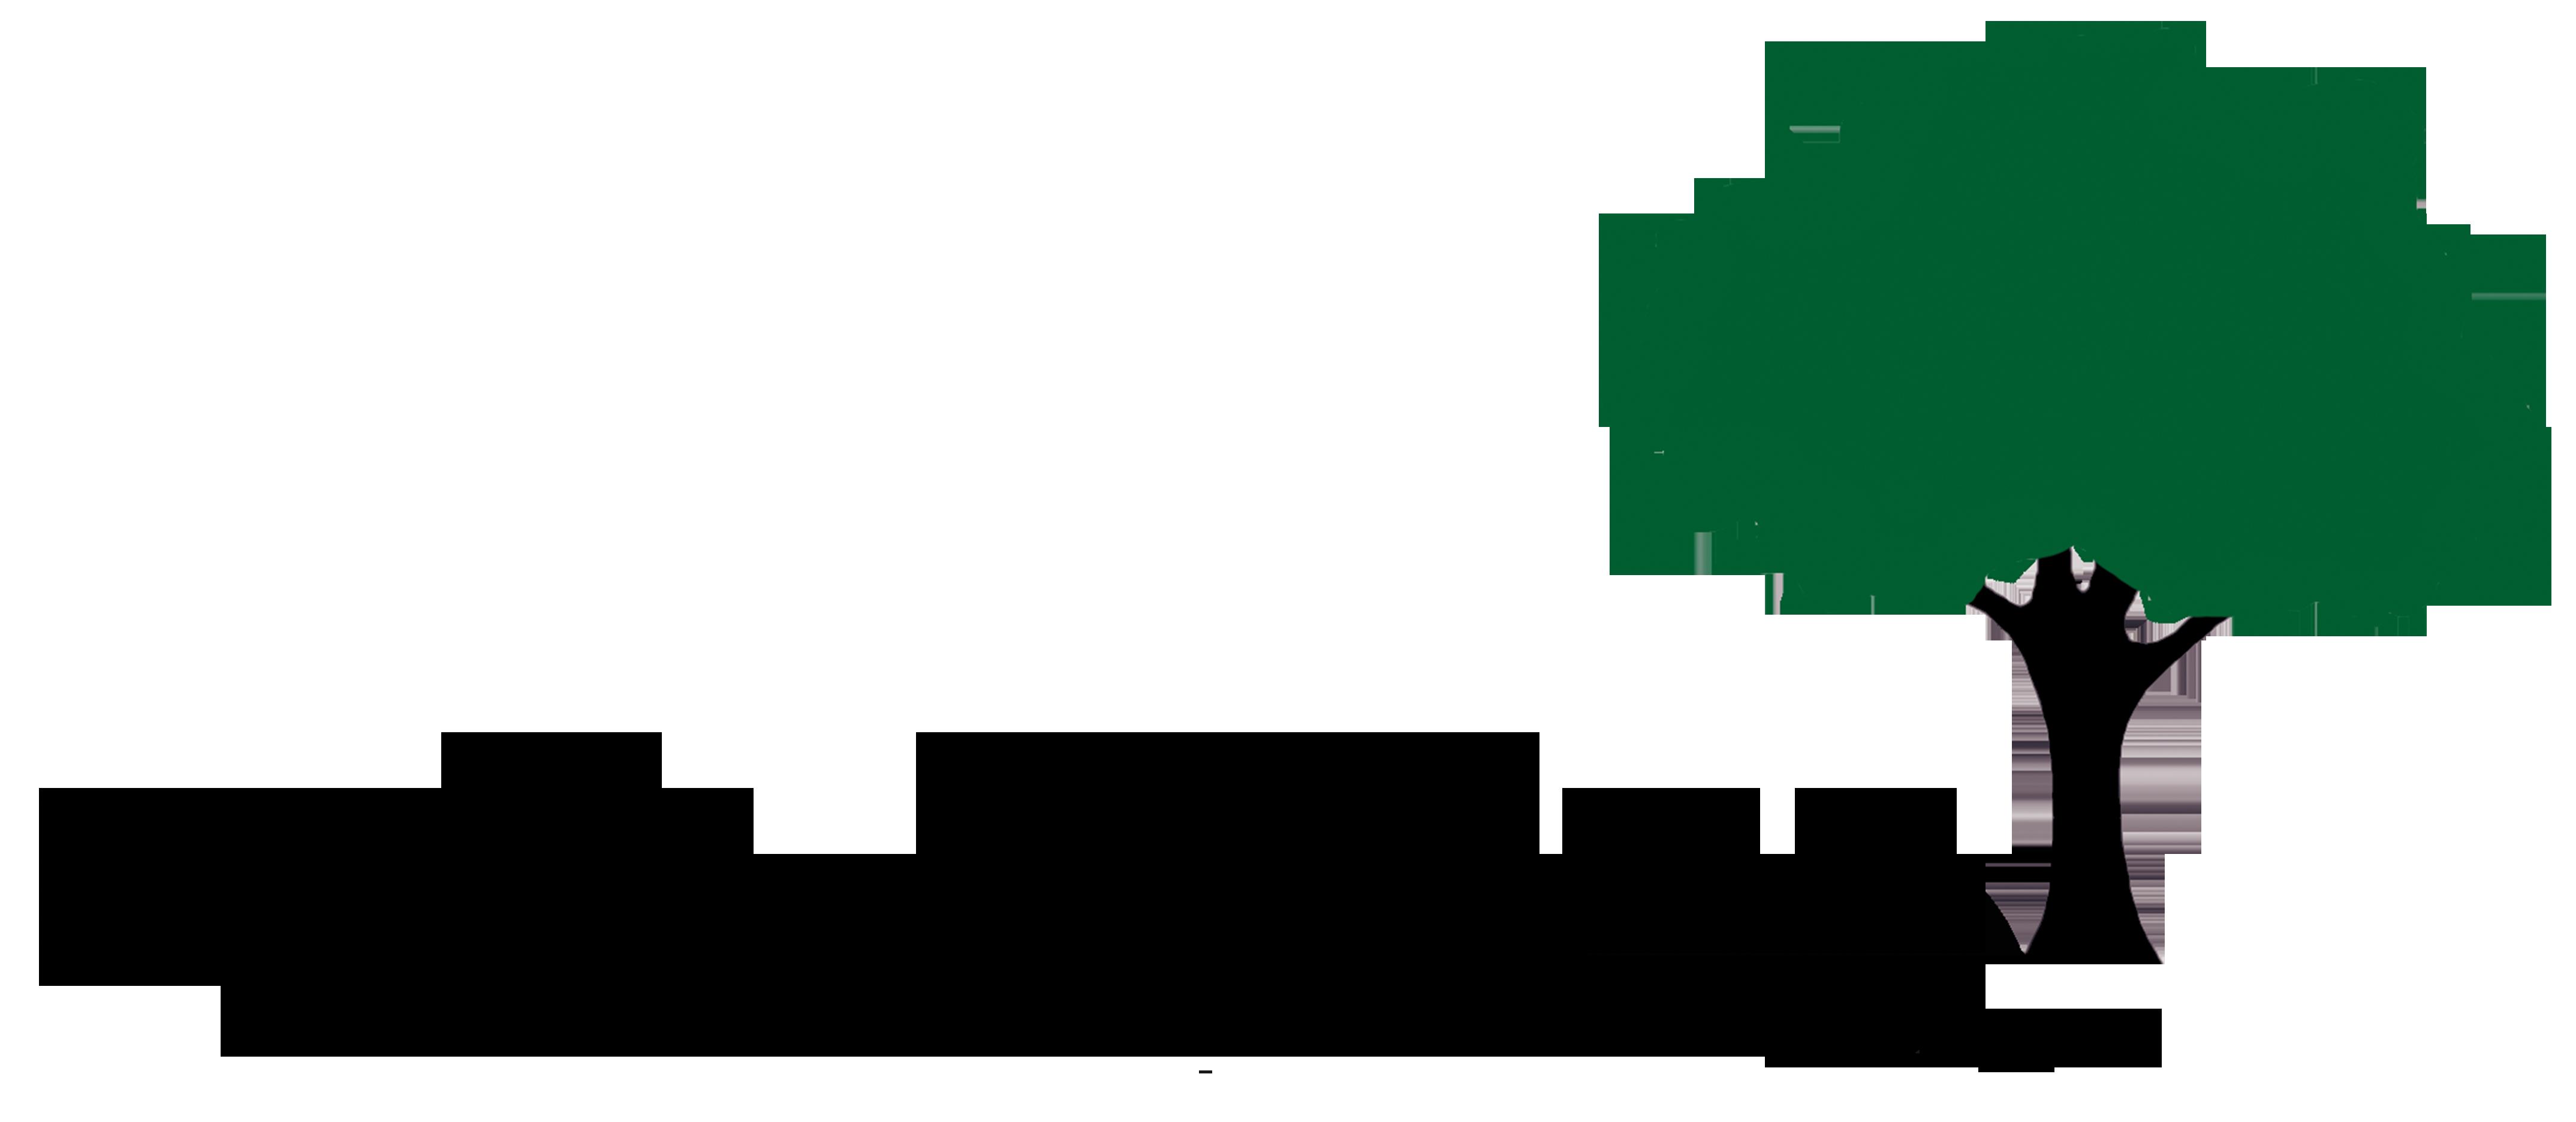 galadekor - Exklusives Raumdesign und hochwertige Kunstpflanzen.-Logo